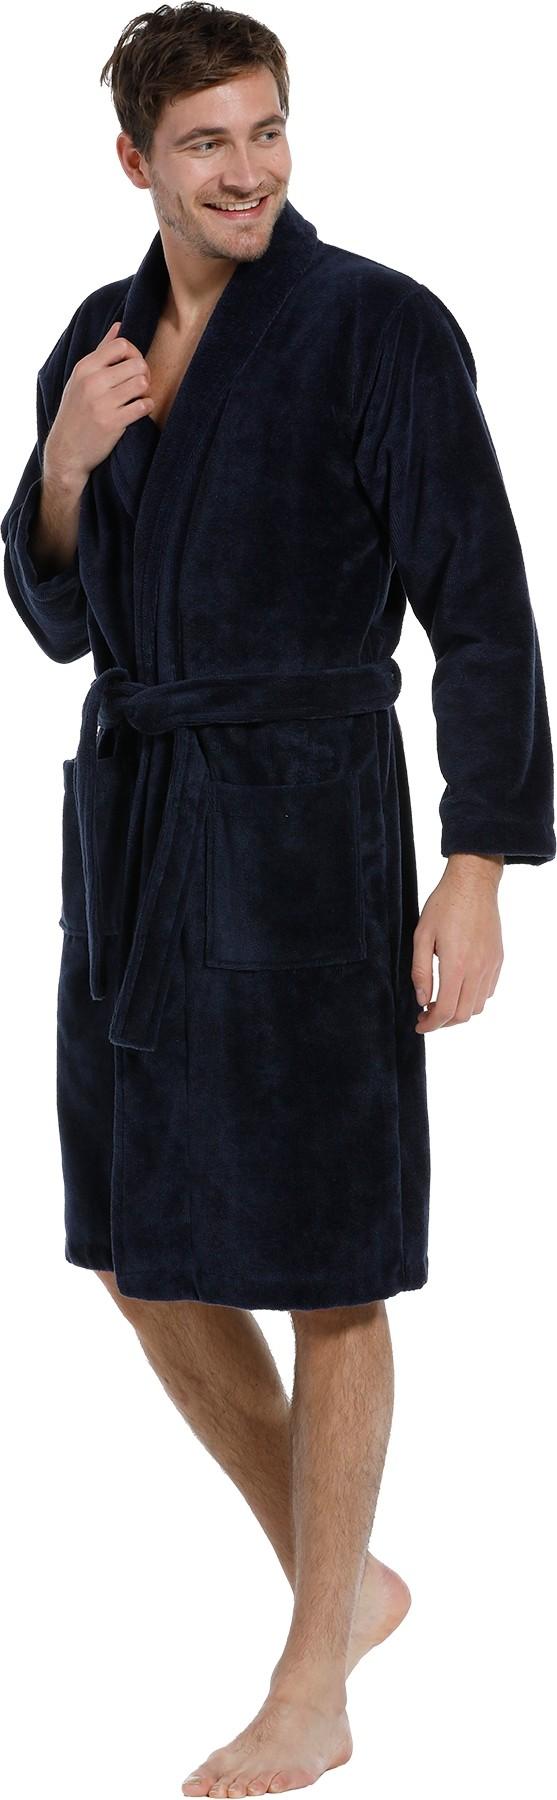 Heren badjas Pastunette 650 donker blauw-XXL